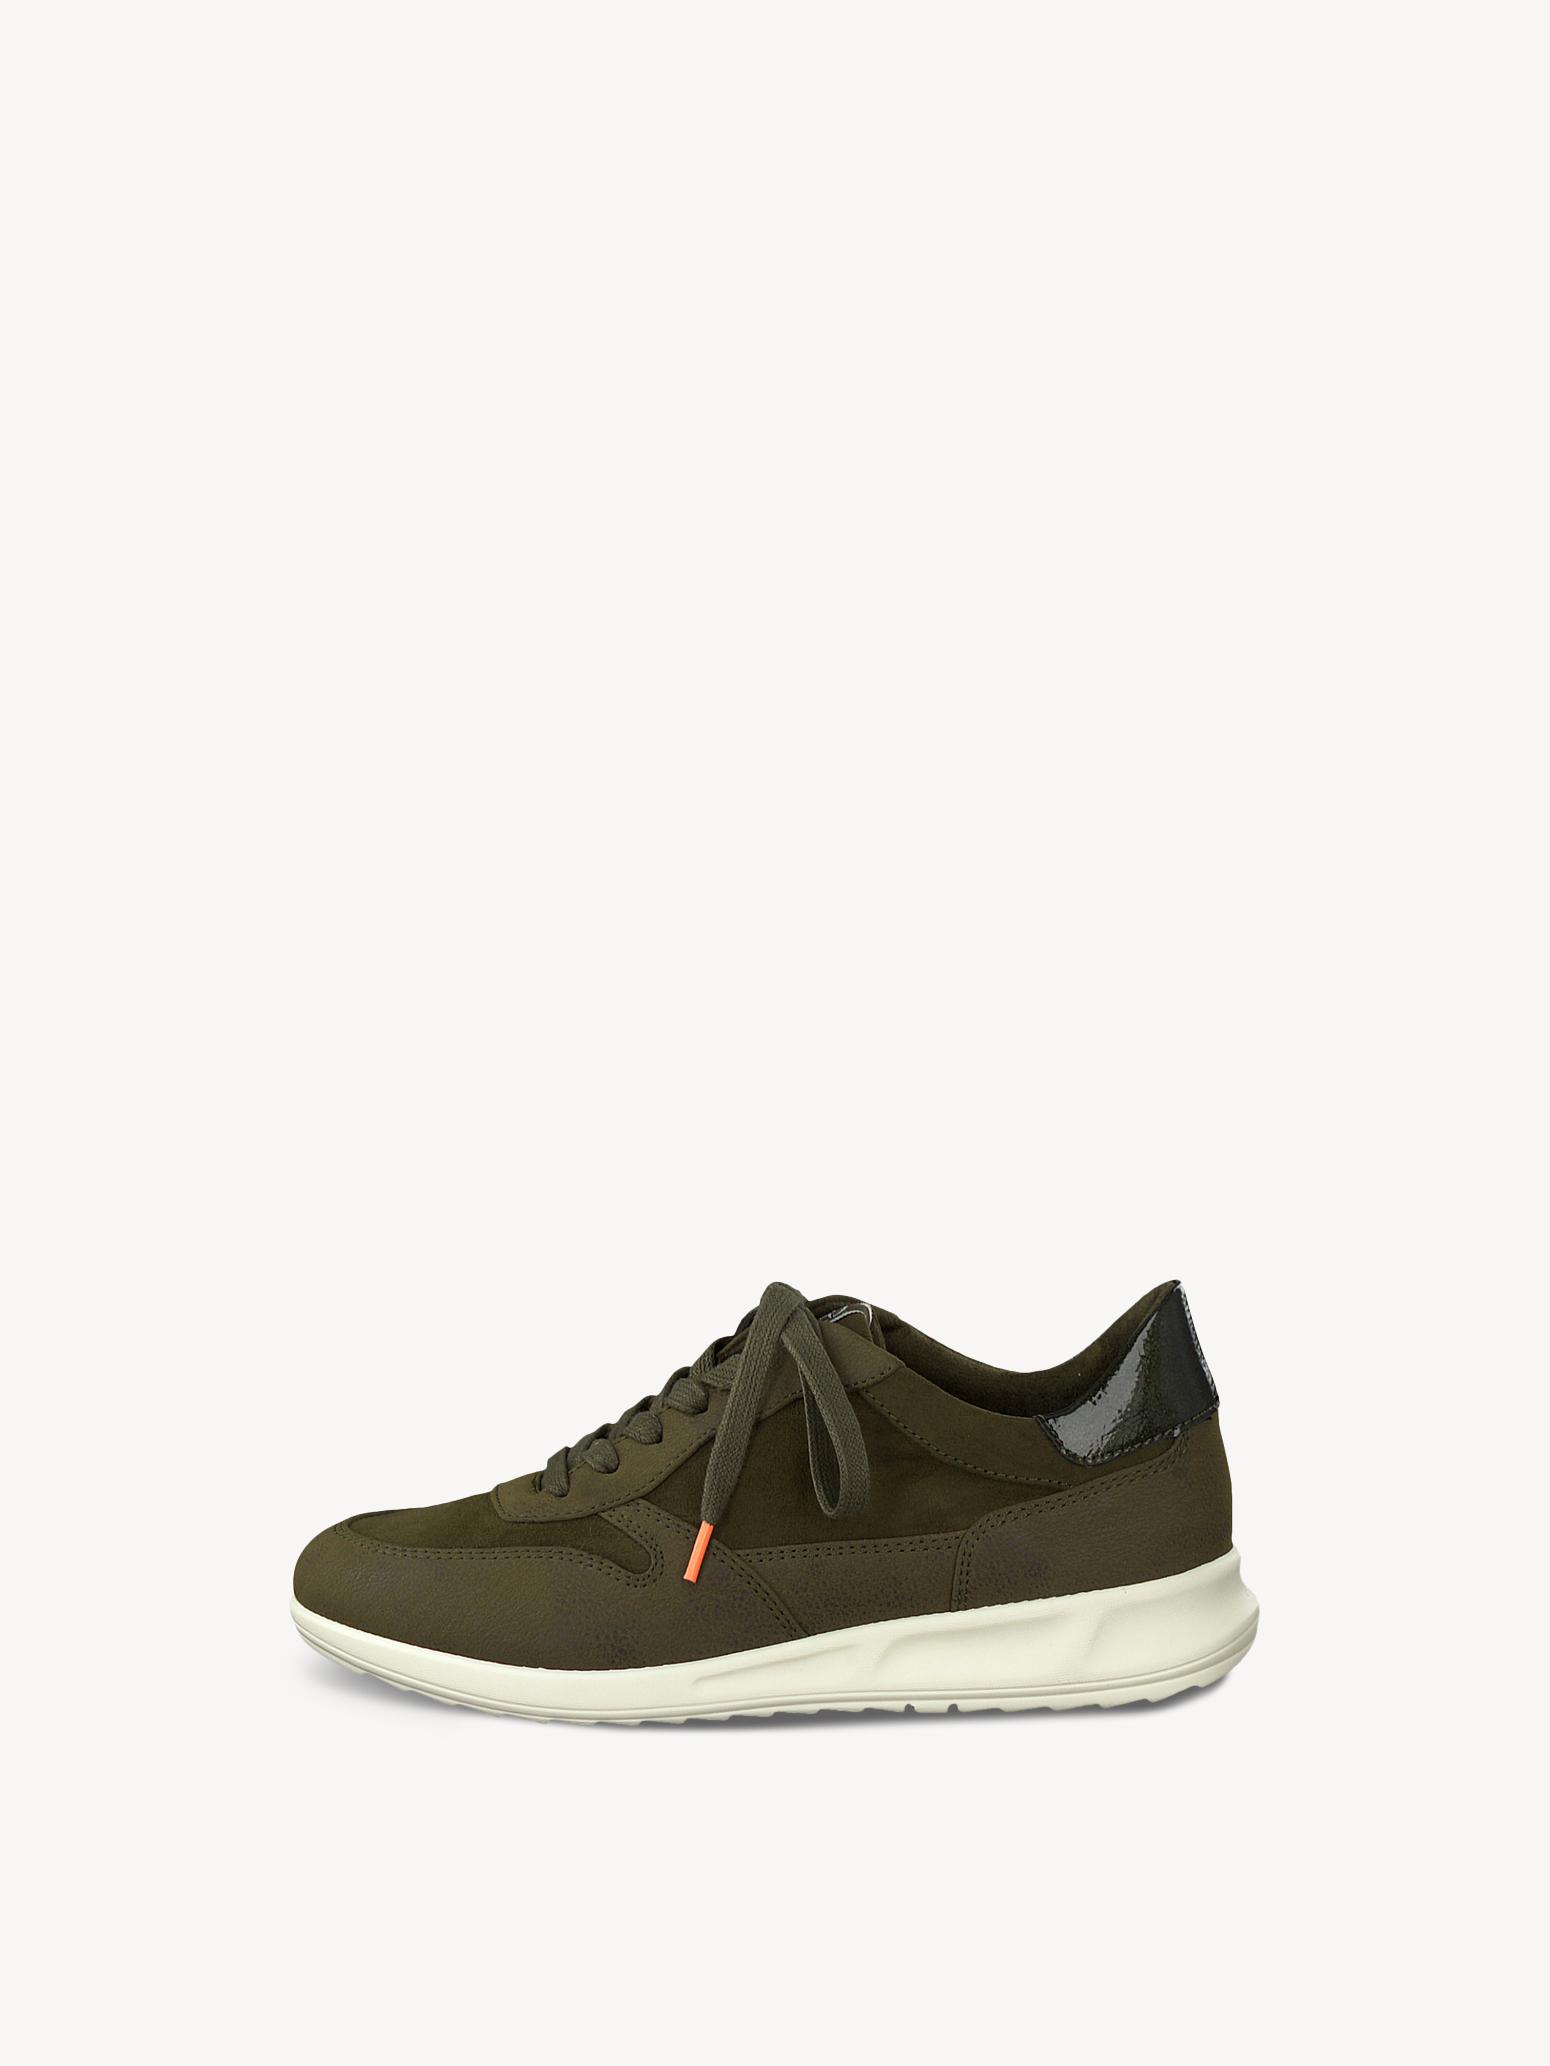 Tamaris Sneaker | Fashion_Sept_01 | Tamaris sneaker